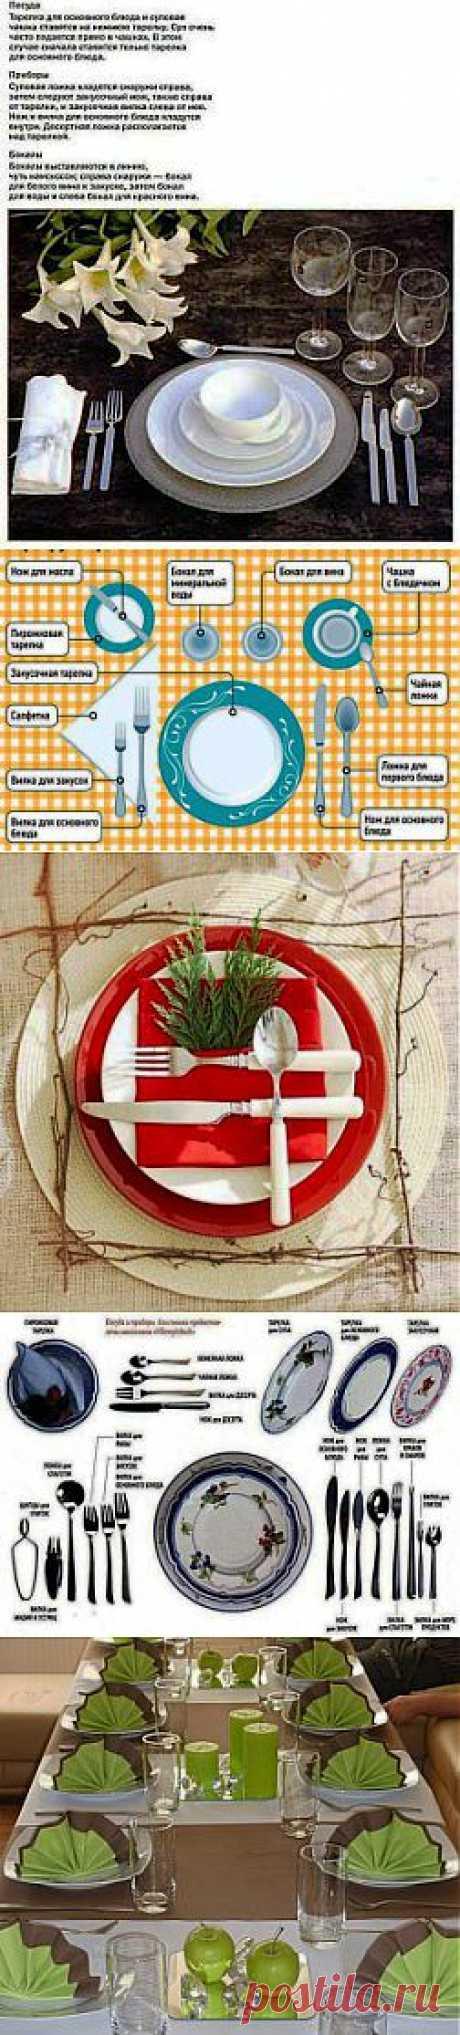 Сервировка стола фото - Вкусные рецепты